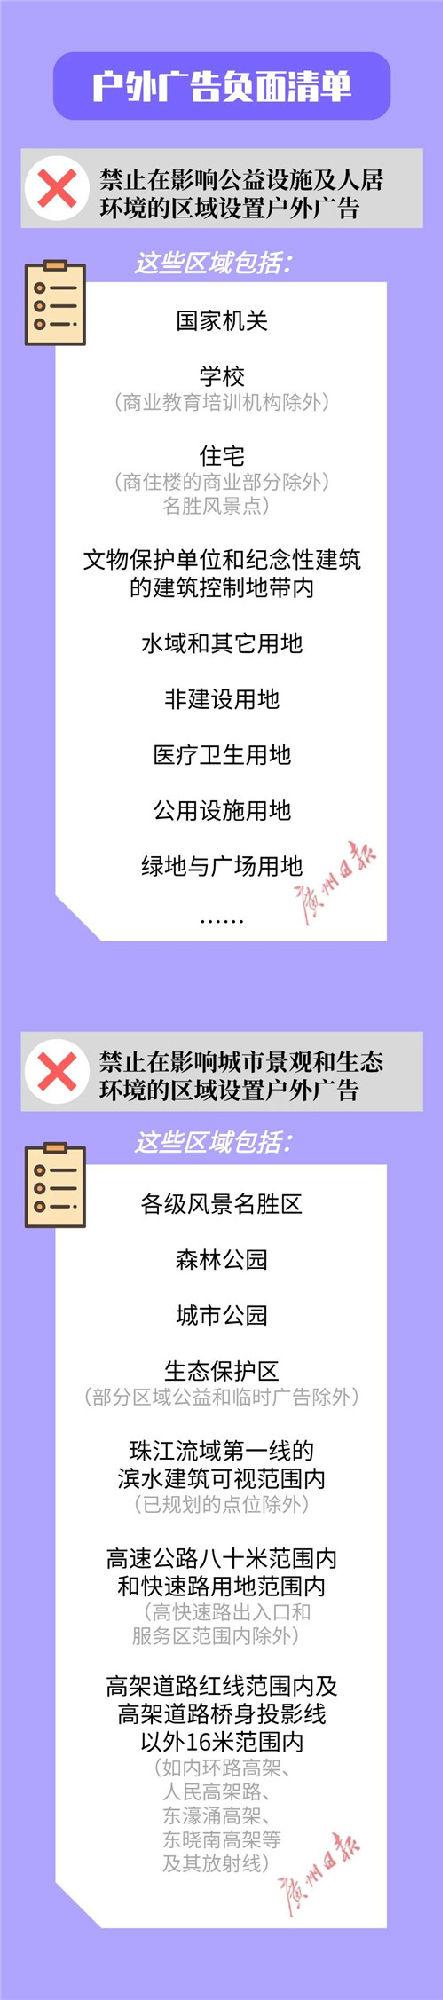 广州户外广告新规来了 3.jpg